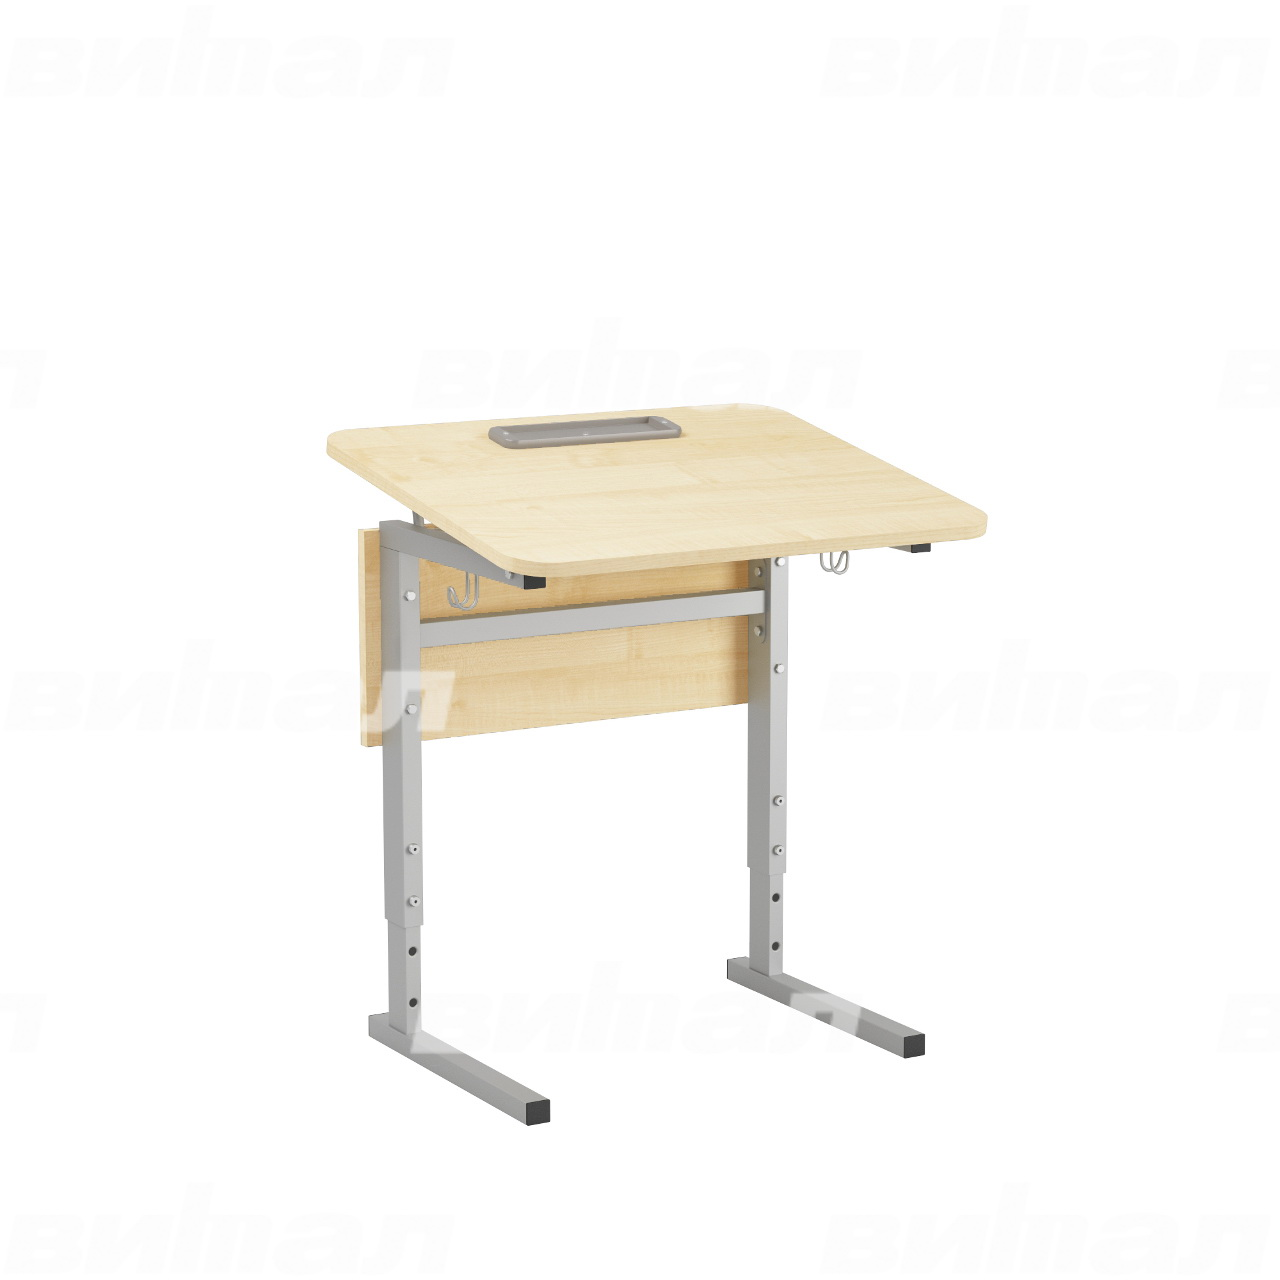 Стол 1-местный регулир. высота и наклон столешницы 0-10° (гр 2-4, 3-5 или 4-6) серый Клен 2-4 Меламин прямоугольная